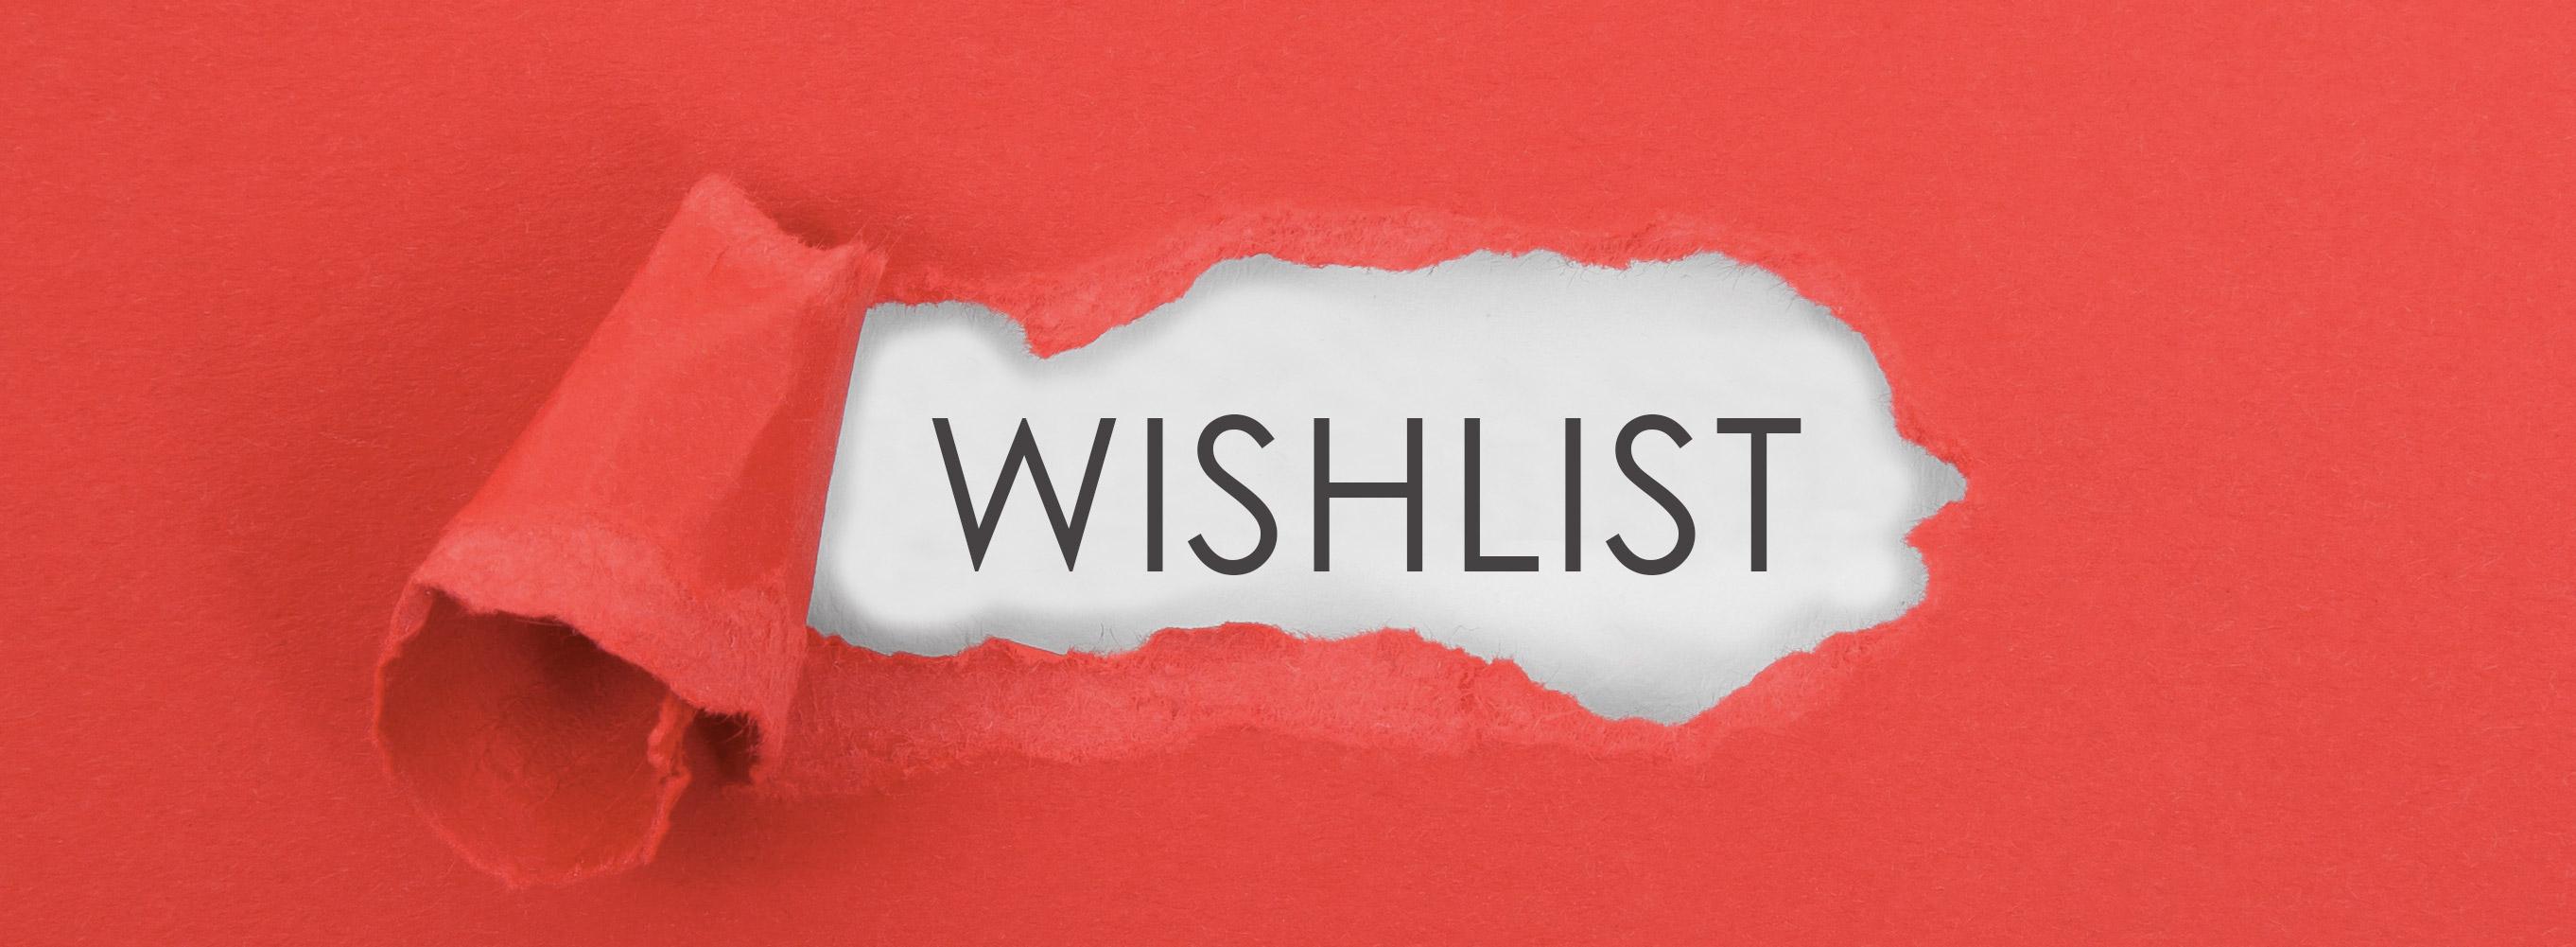 Parolando-wishlist